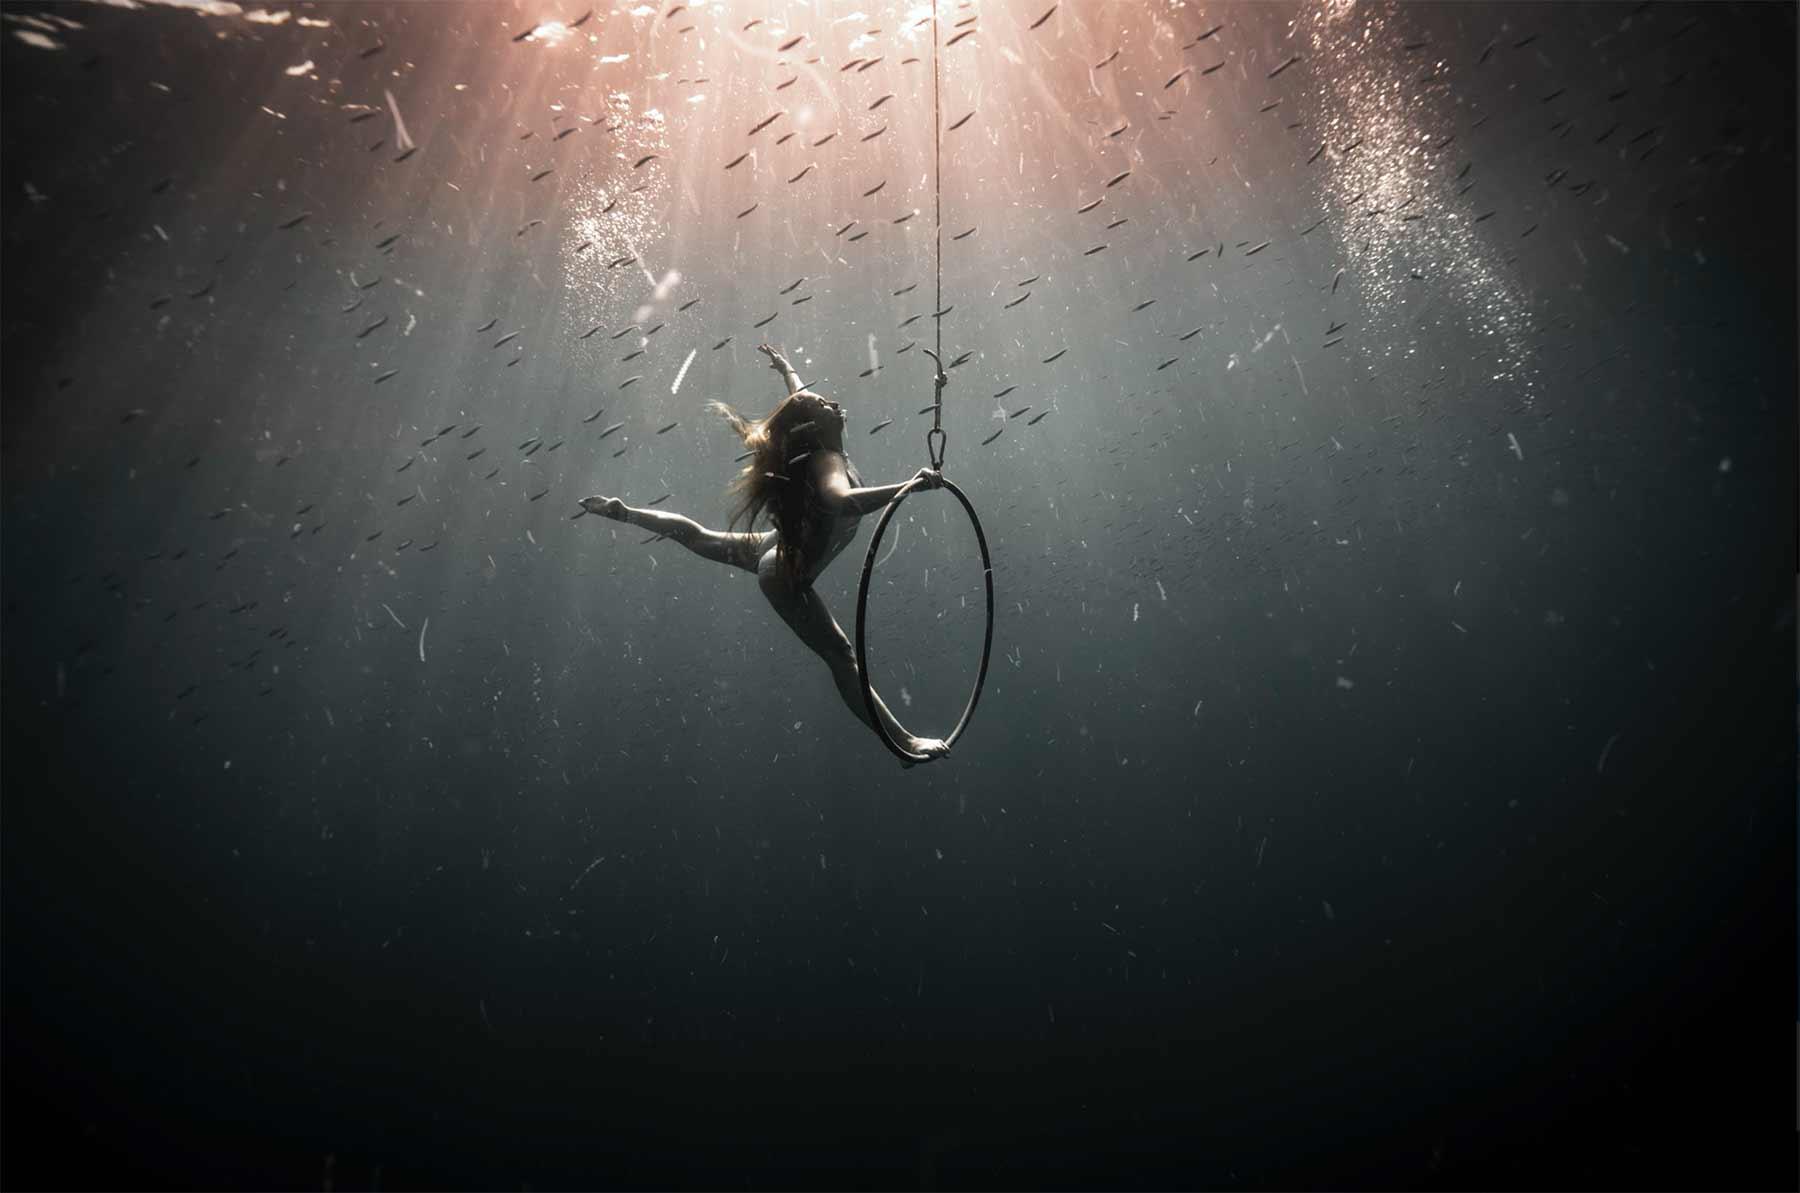 Fotografien von Bastien Soleil Bastien-Soleil-Unterwasserfotografie_08-1